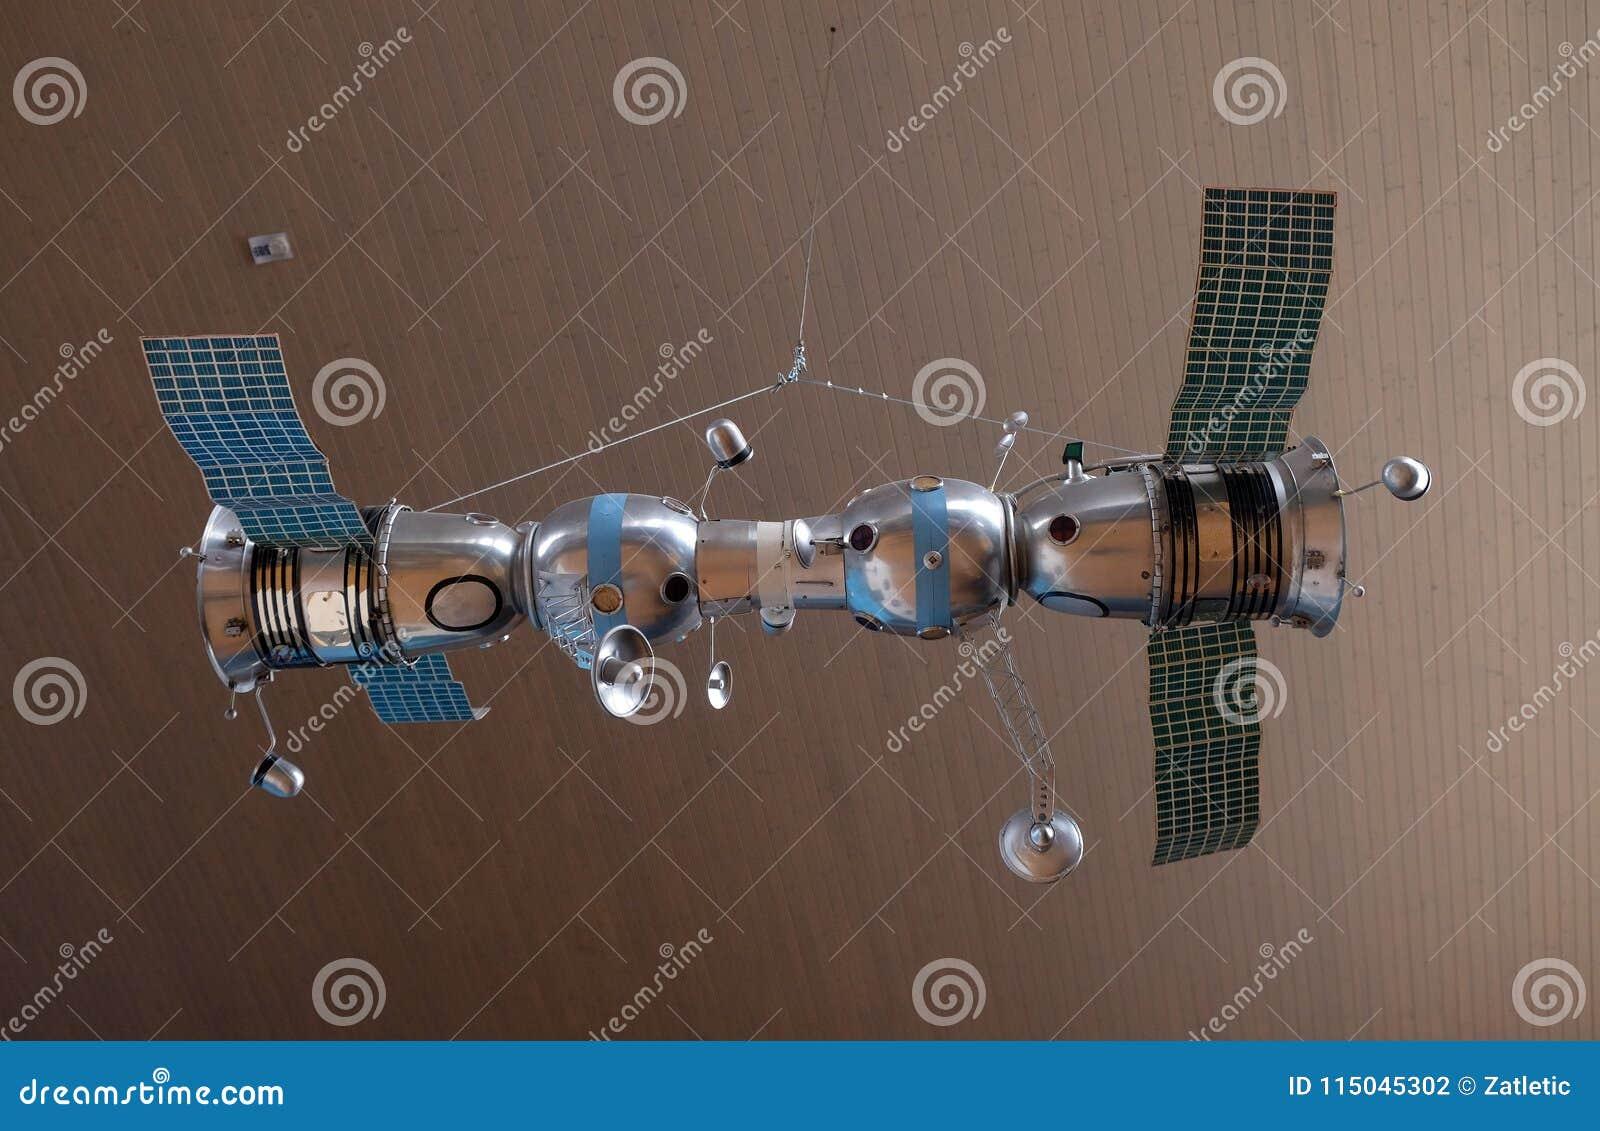 Modèle des vaisseaux spatiaux relié Soyuz 4 et Soyuz 5